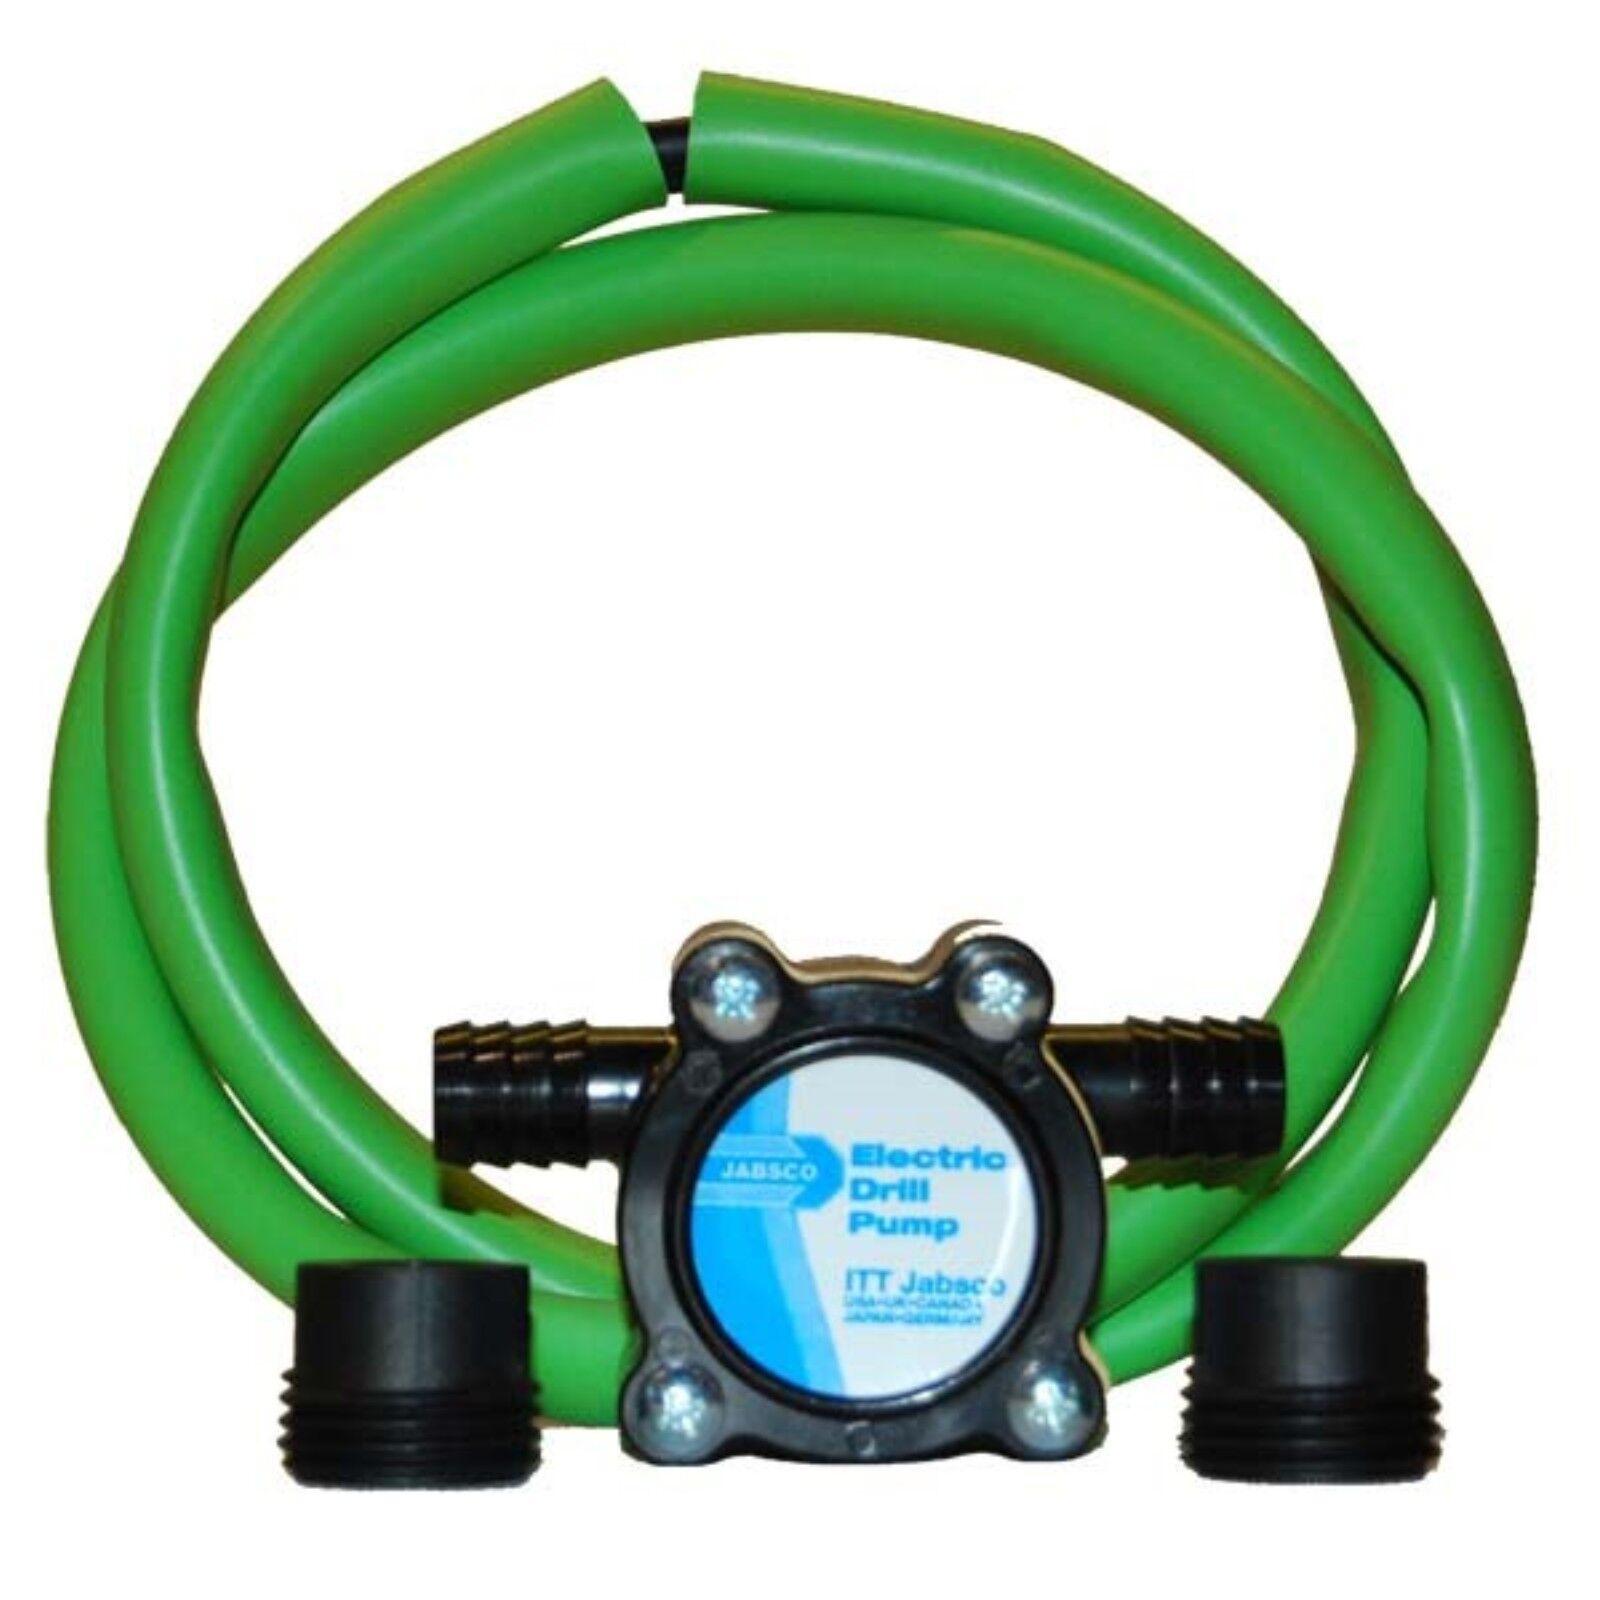 ITT Jabsco 17215-0000 Drill Pump Boat Oil Change Kit